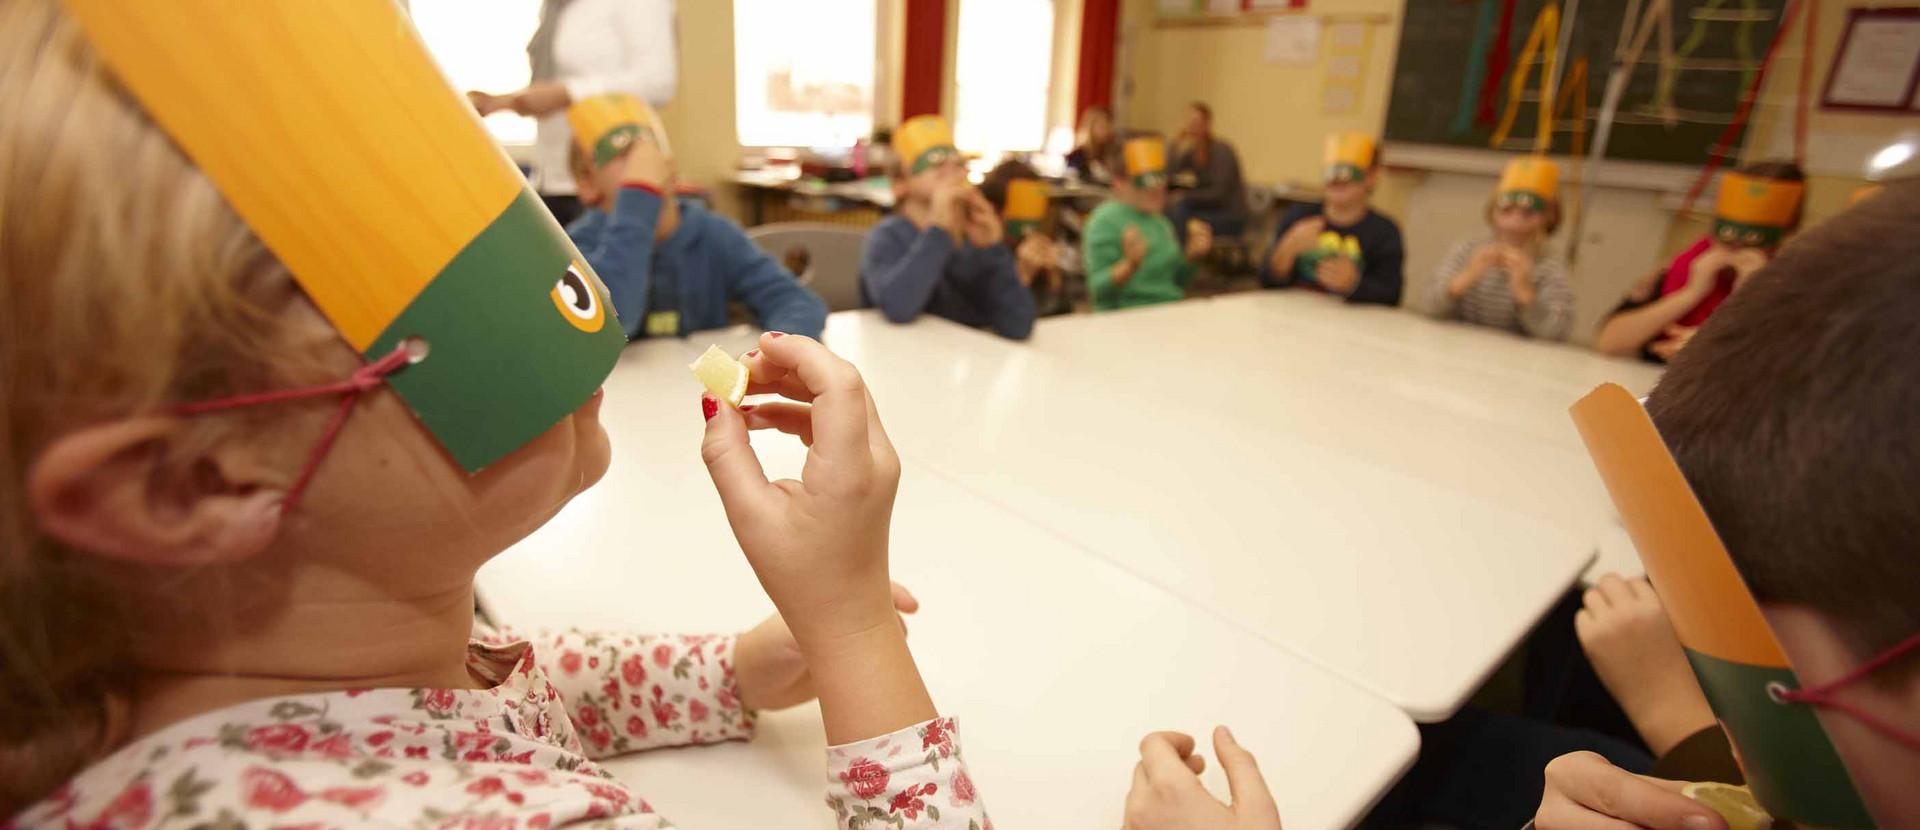 Kinder mit Masken probieren Zitrone